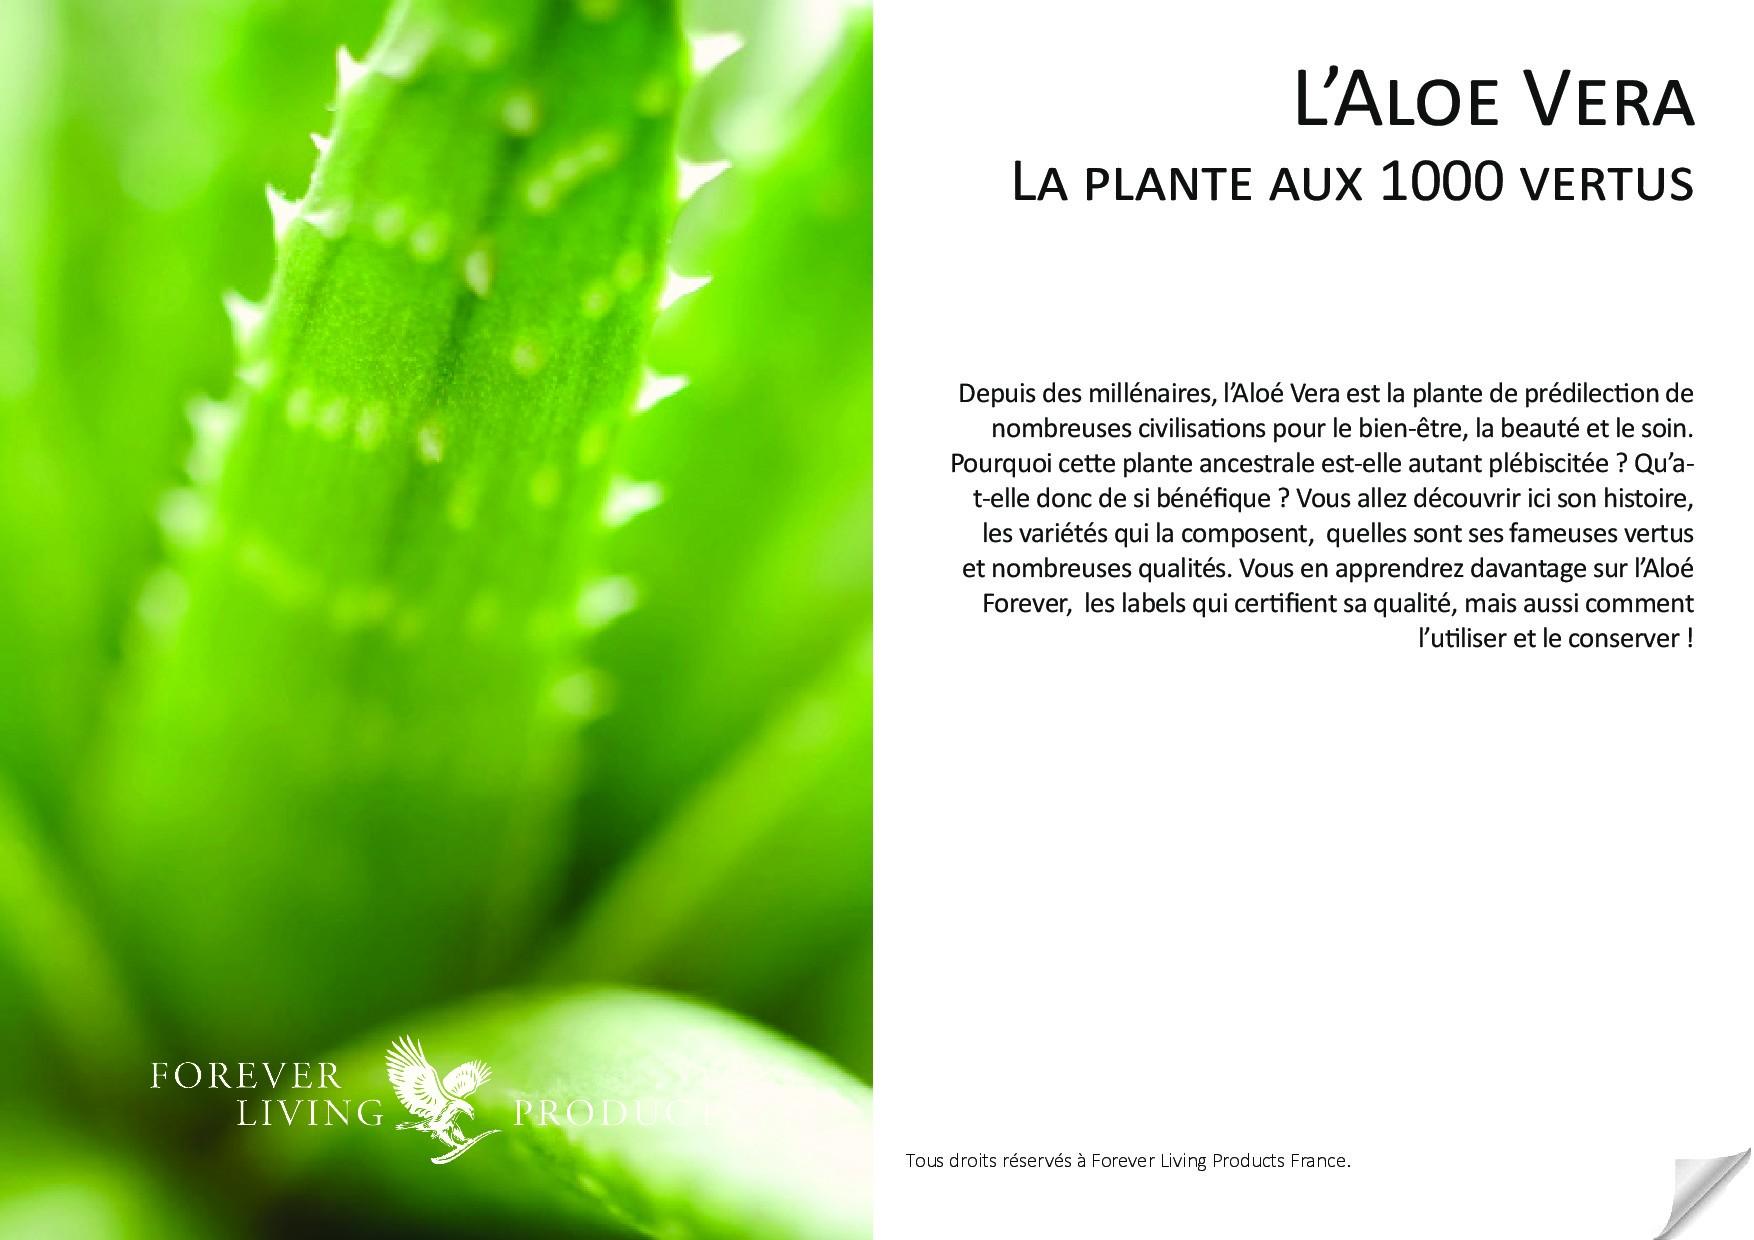 #0_PlanteAux1000Vertus